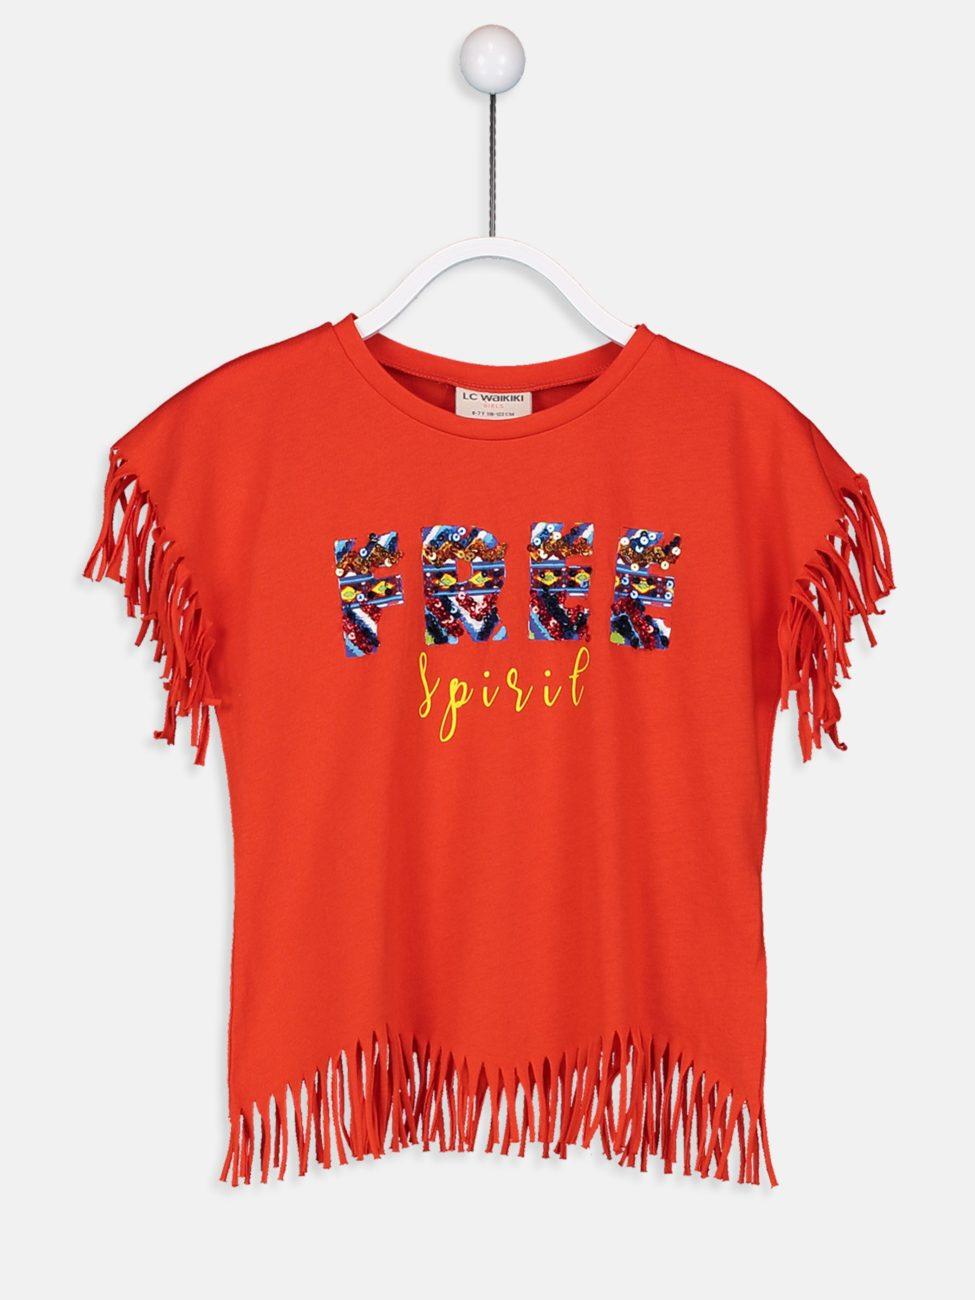 Soldes LC Waikiki Maroc T-Shirt fille 49Dhs au lieu de 69Dhs